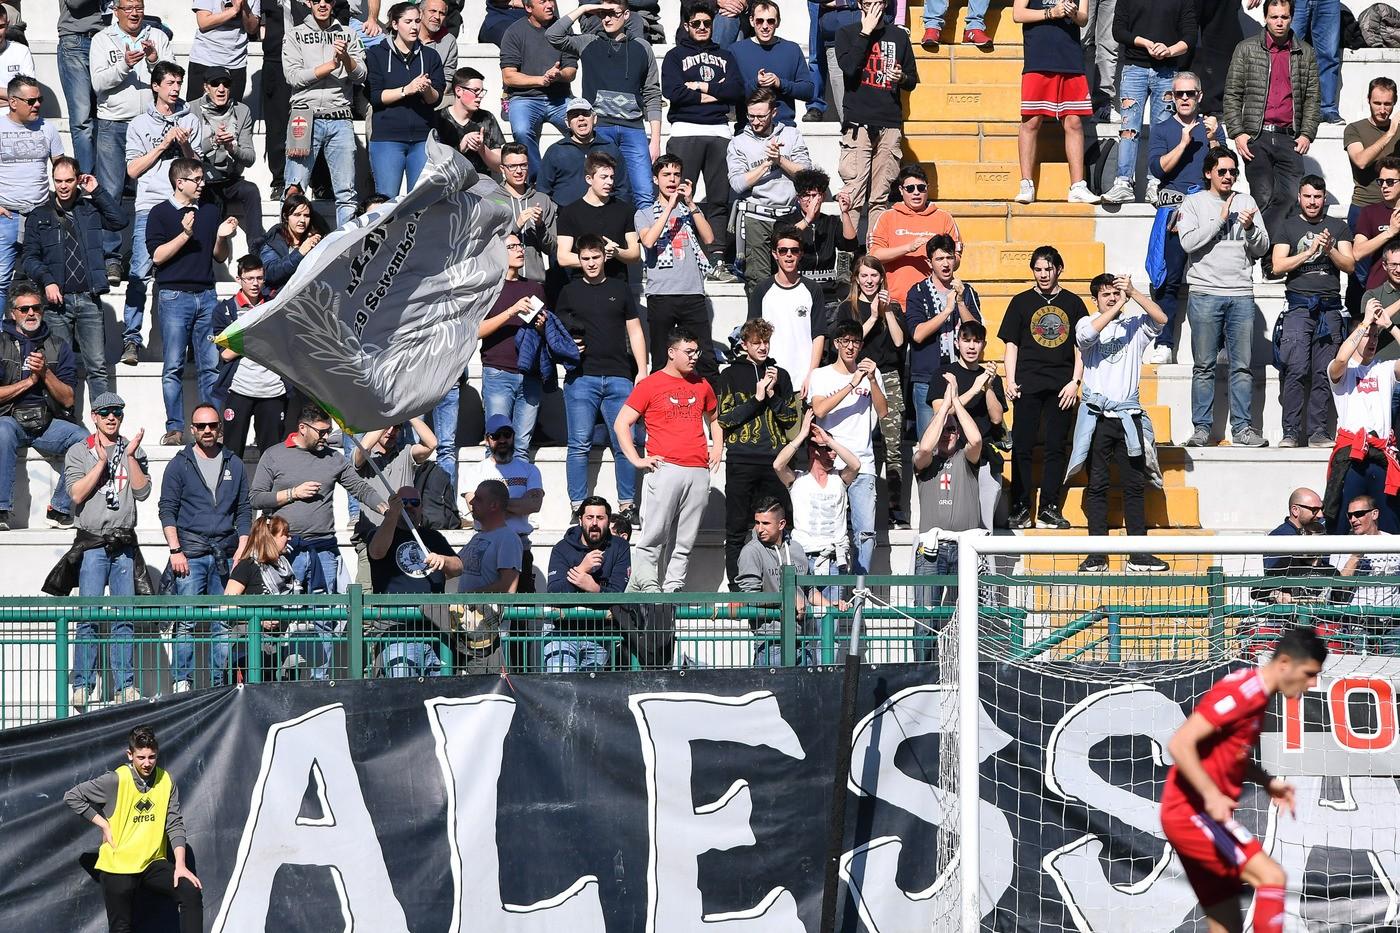 Claudio Grassi/LaPresse